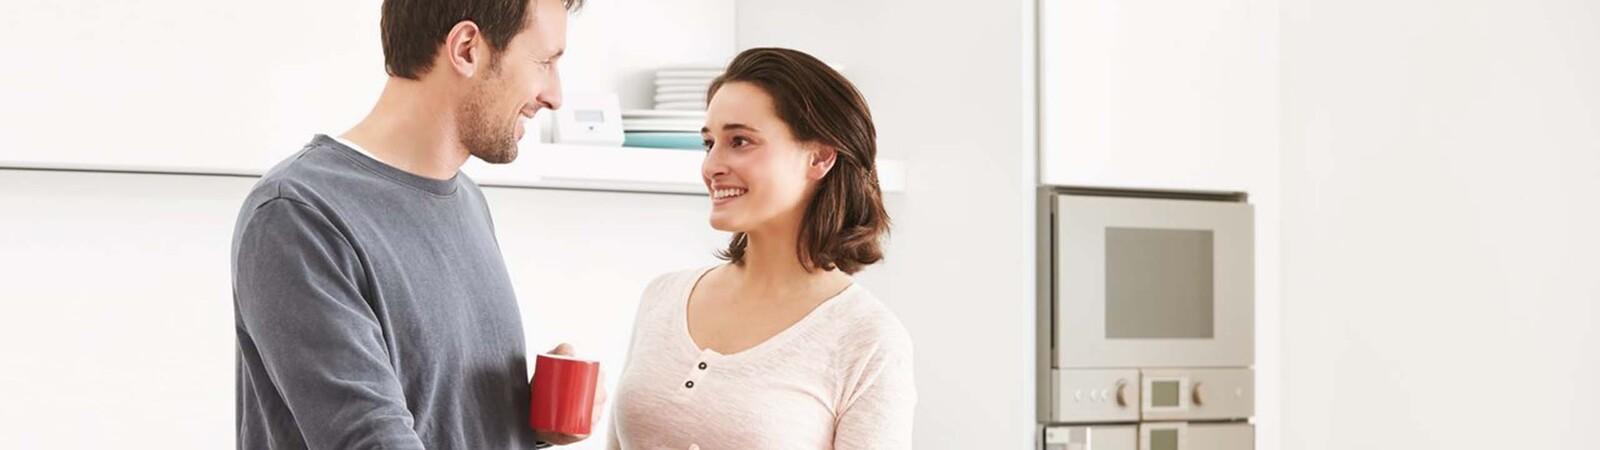 https://www.bulex.be/pictures/herospace/web-2560-720-gespiegeld-sd-16-12-16-10009-9951-couple-in-kitchen-landscape-1049005-format-32-9@1600@desktop.jpg